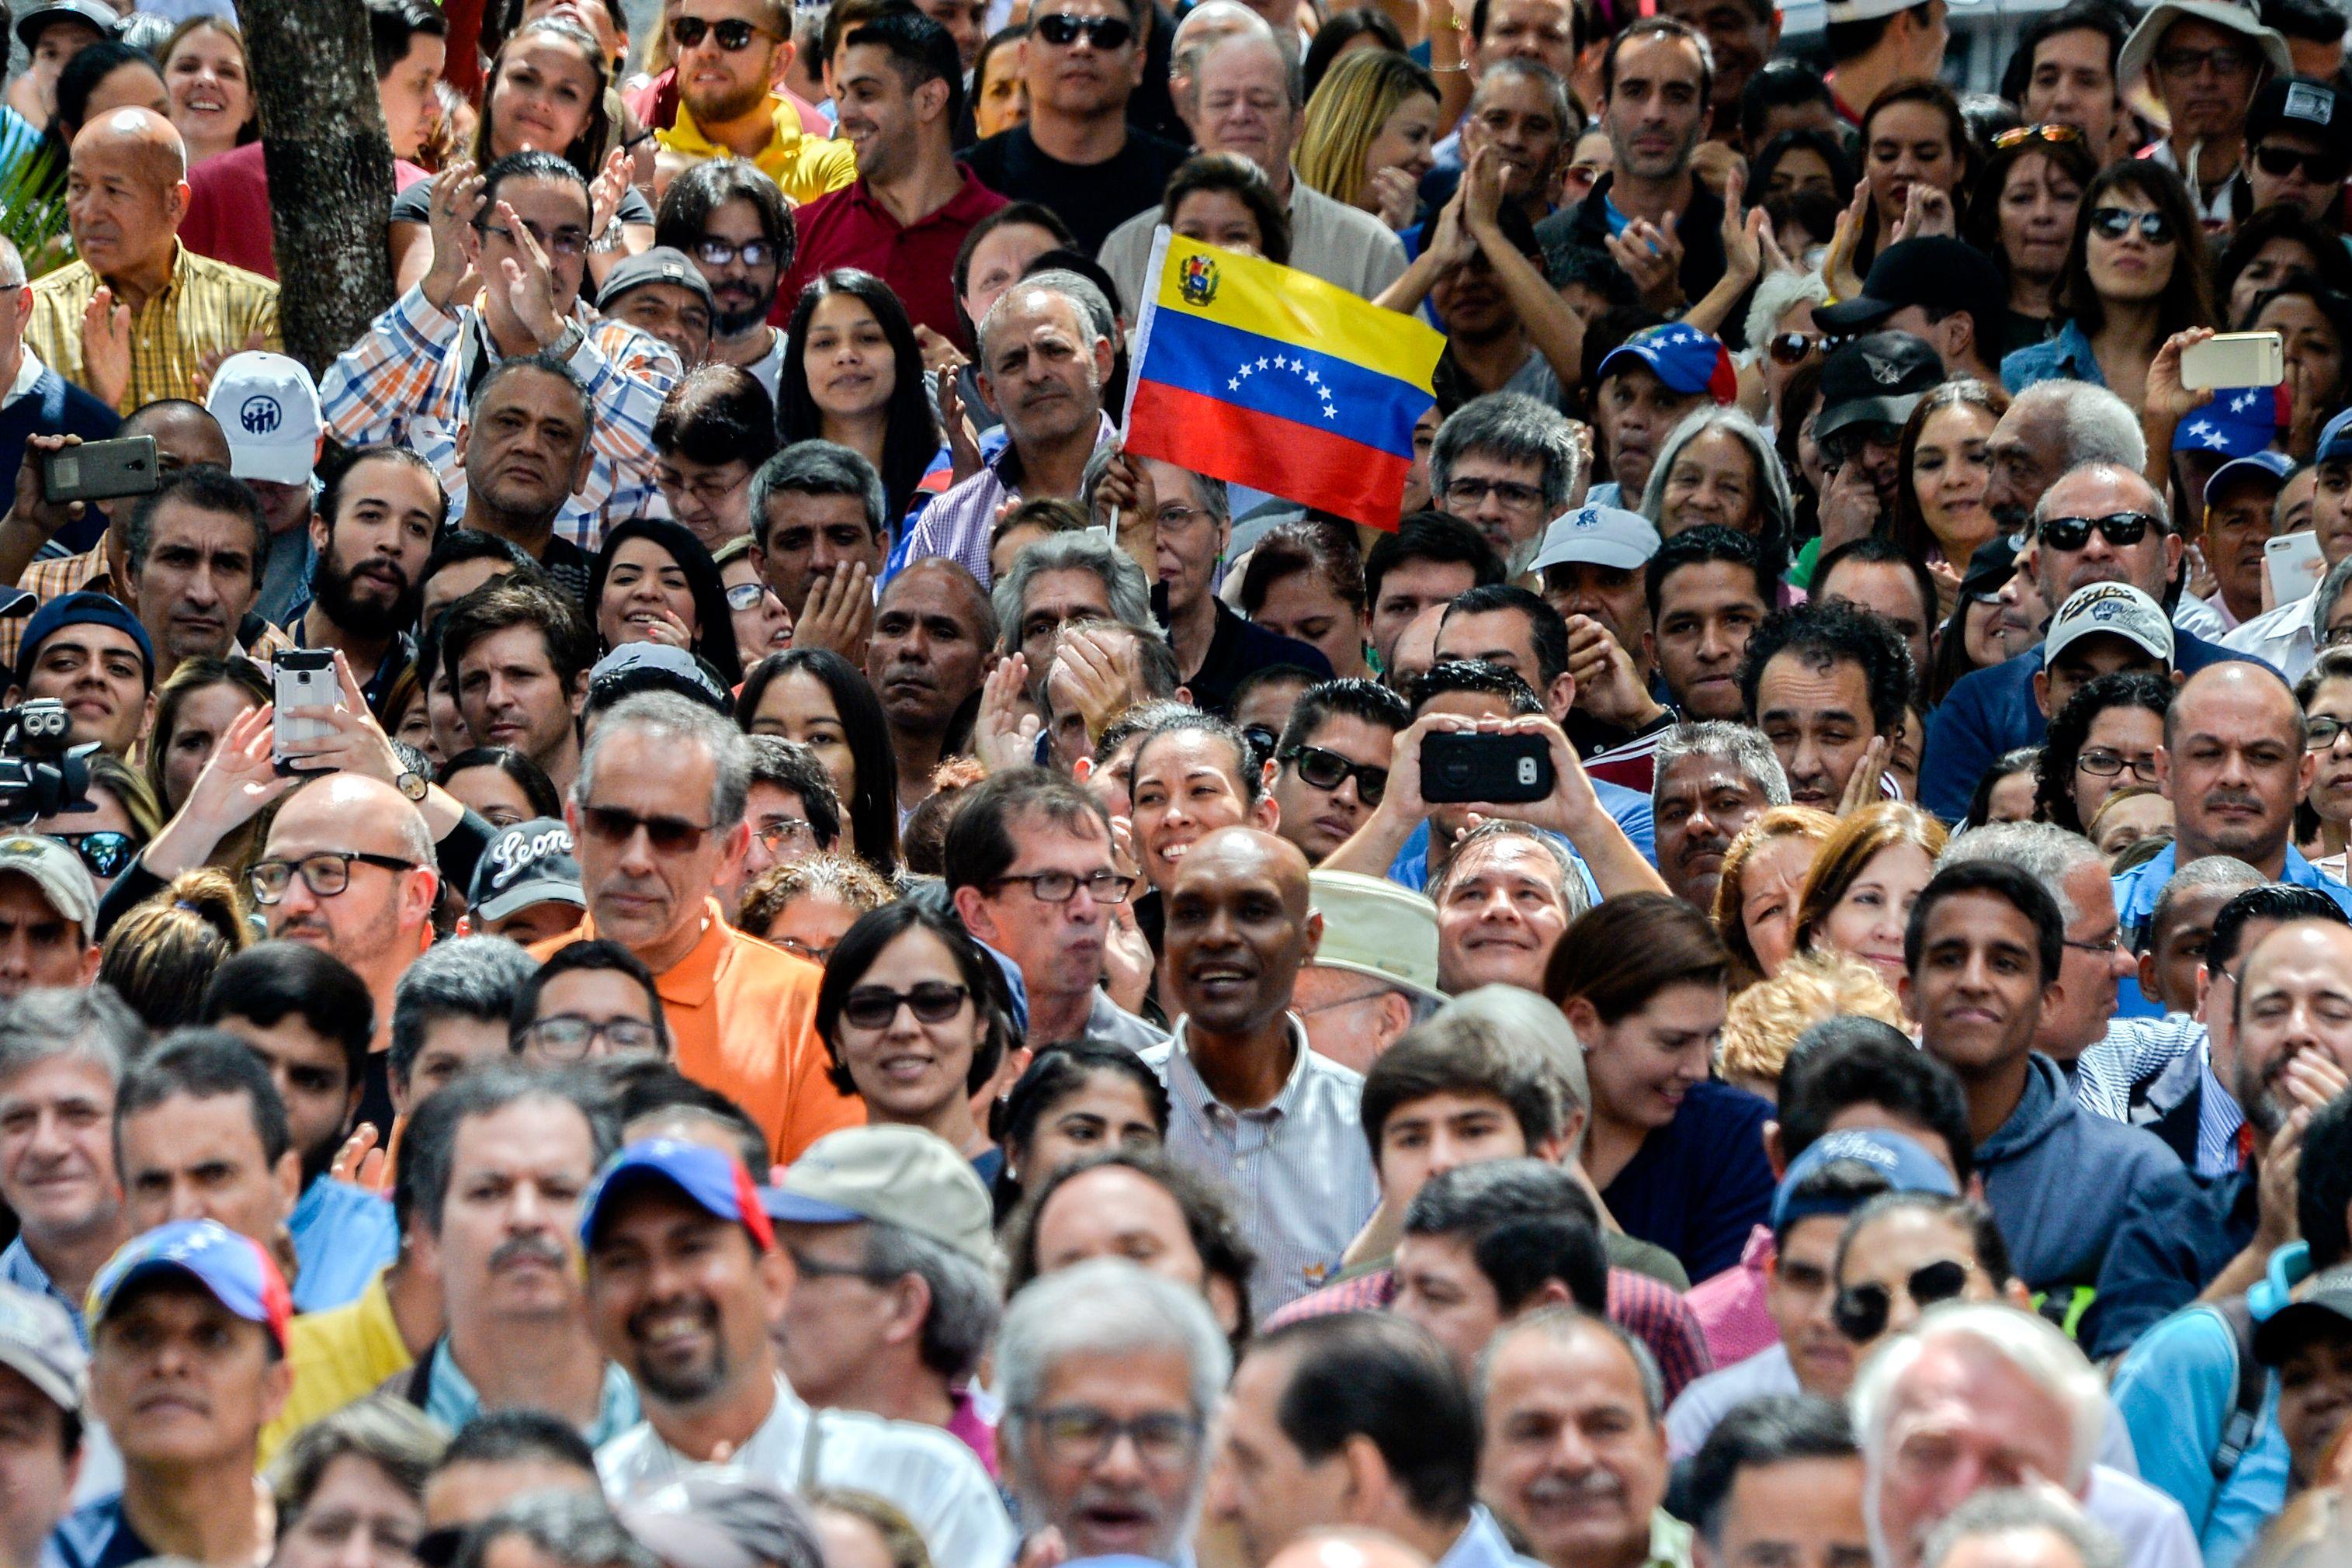 委內瑞拉政局動盪 大金主中俄為何忐忑不安